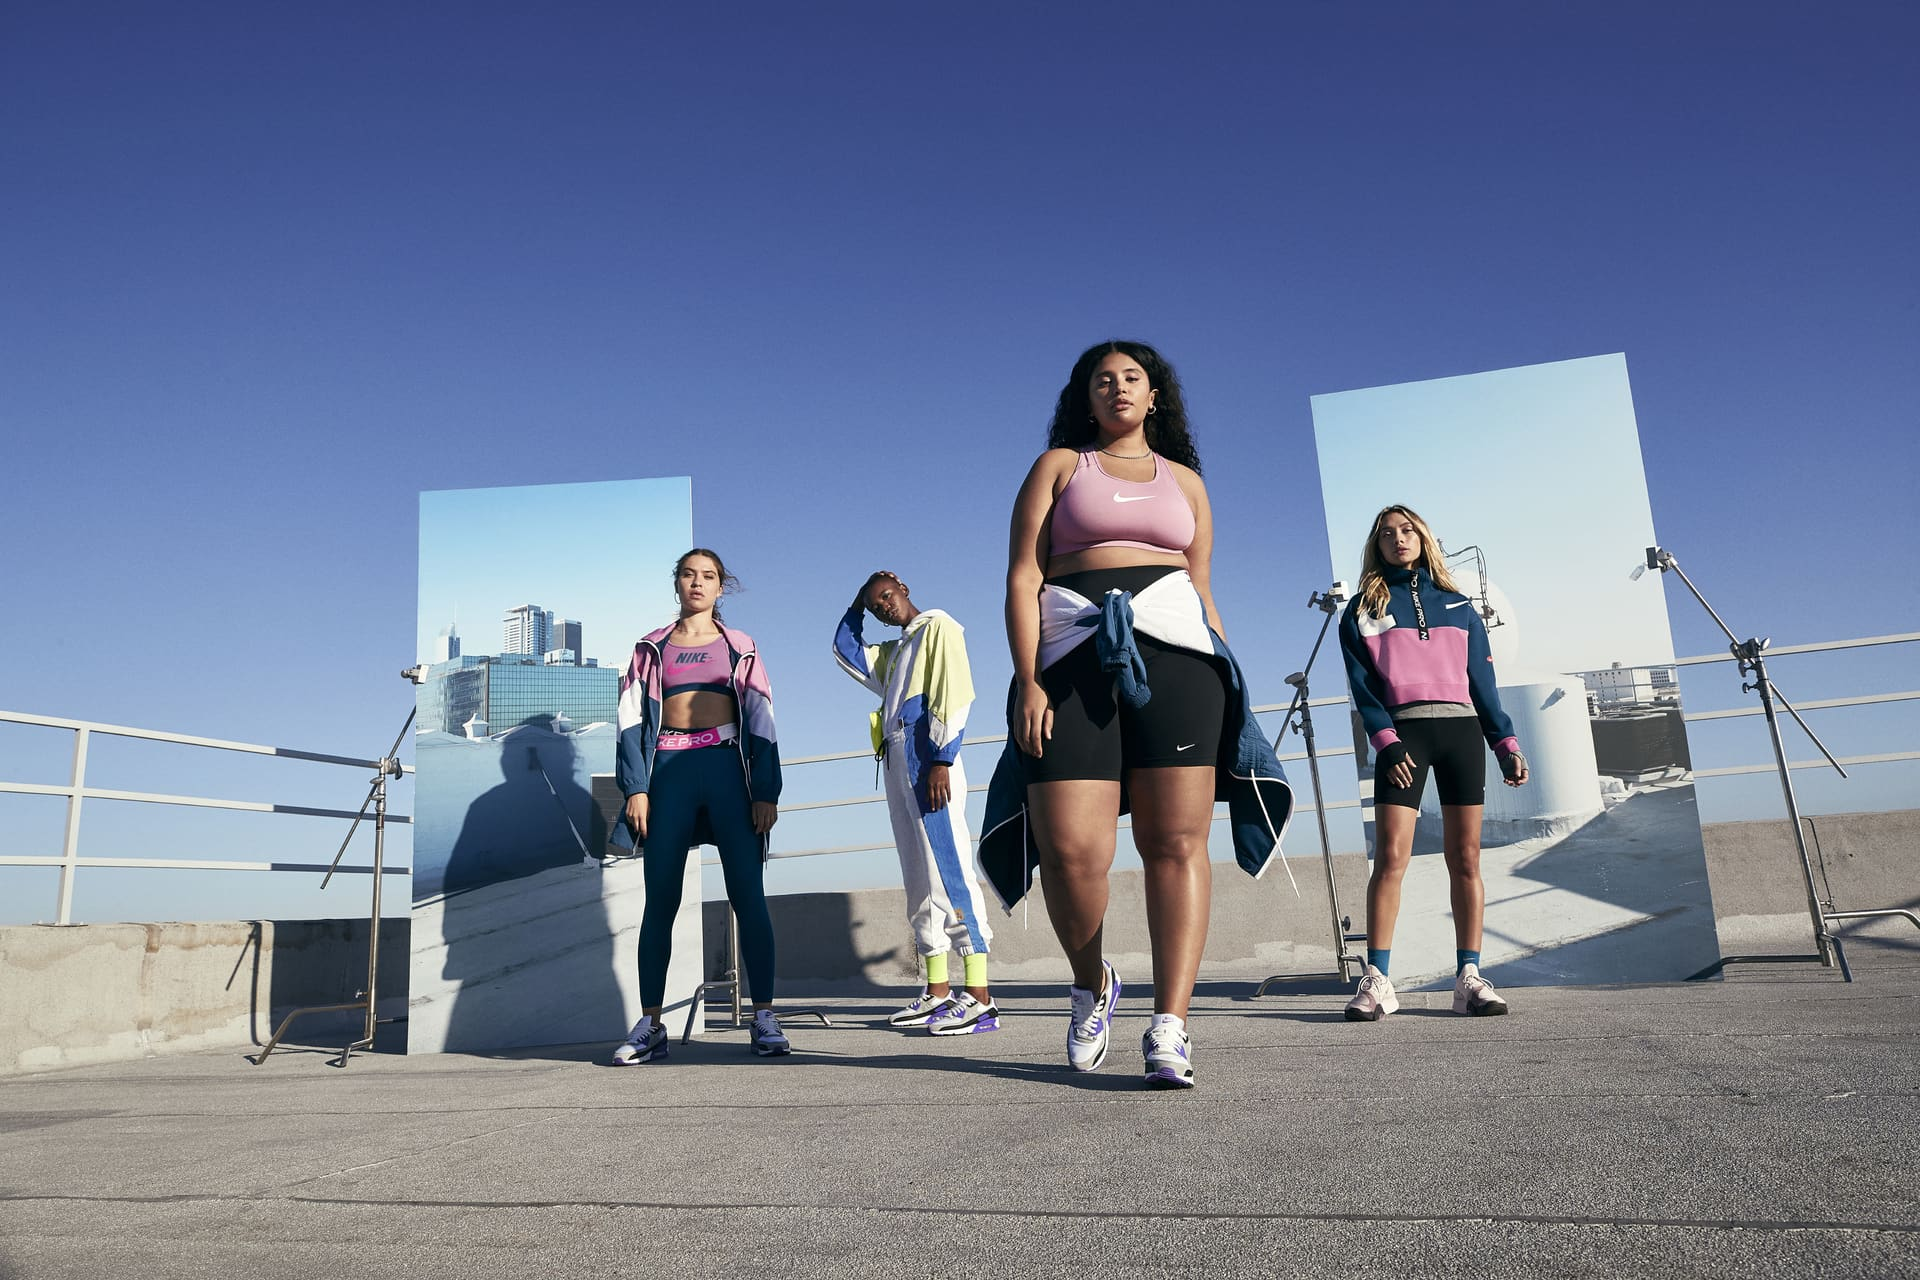 Campaña Instalación Concurso  What Is Nike Membership? | Nike Help